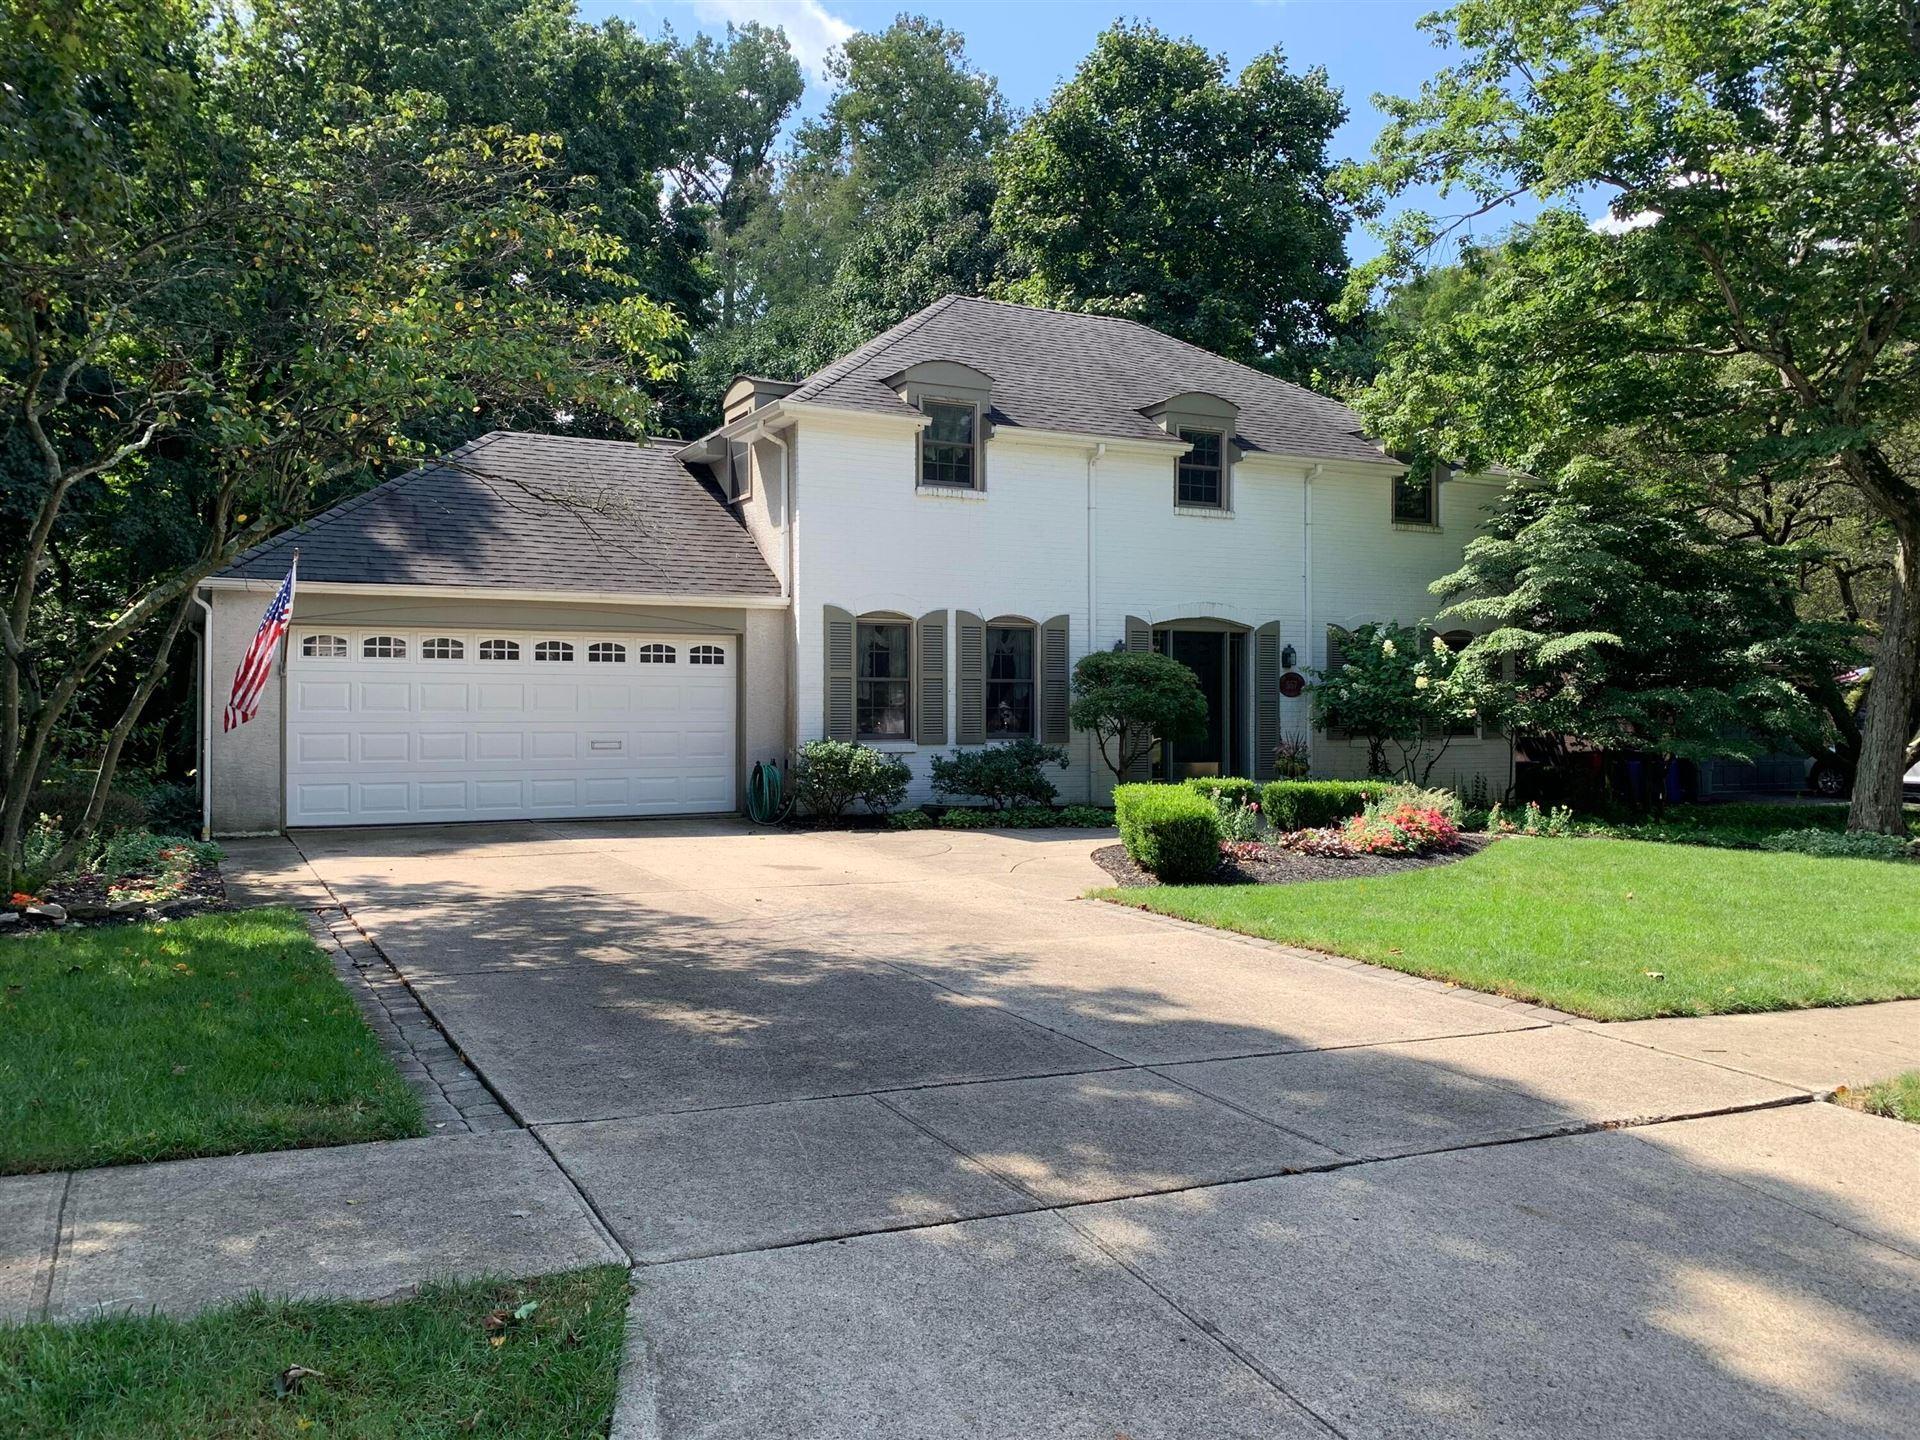 Photo of 557 Haymore Avenue S, Worthington, OH 43085 (MLS # 221034448)